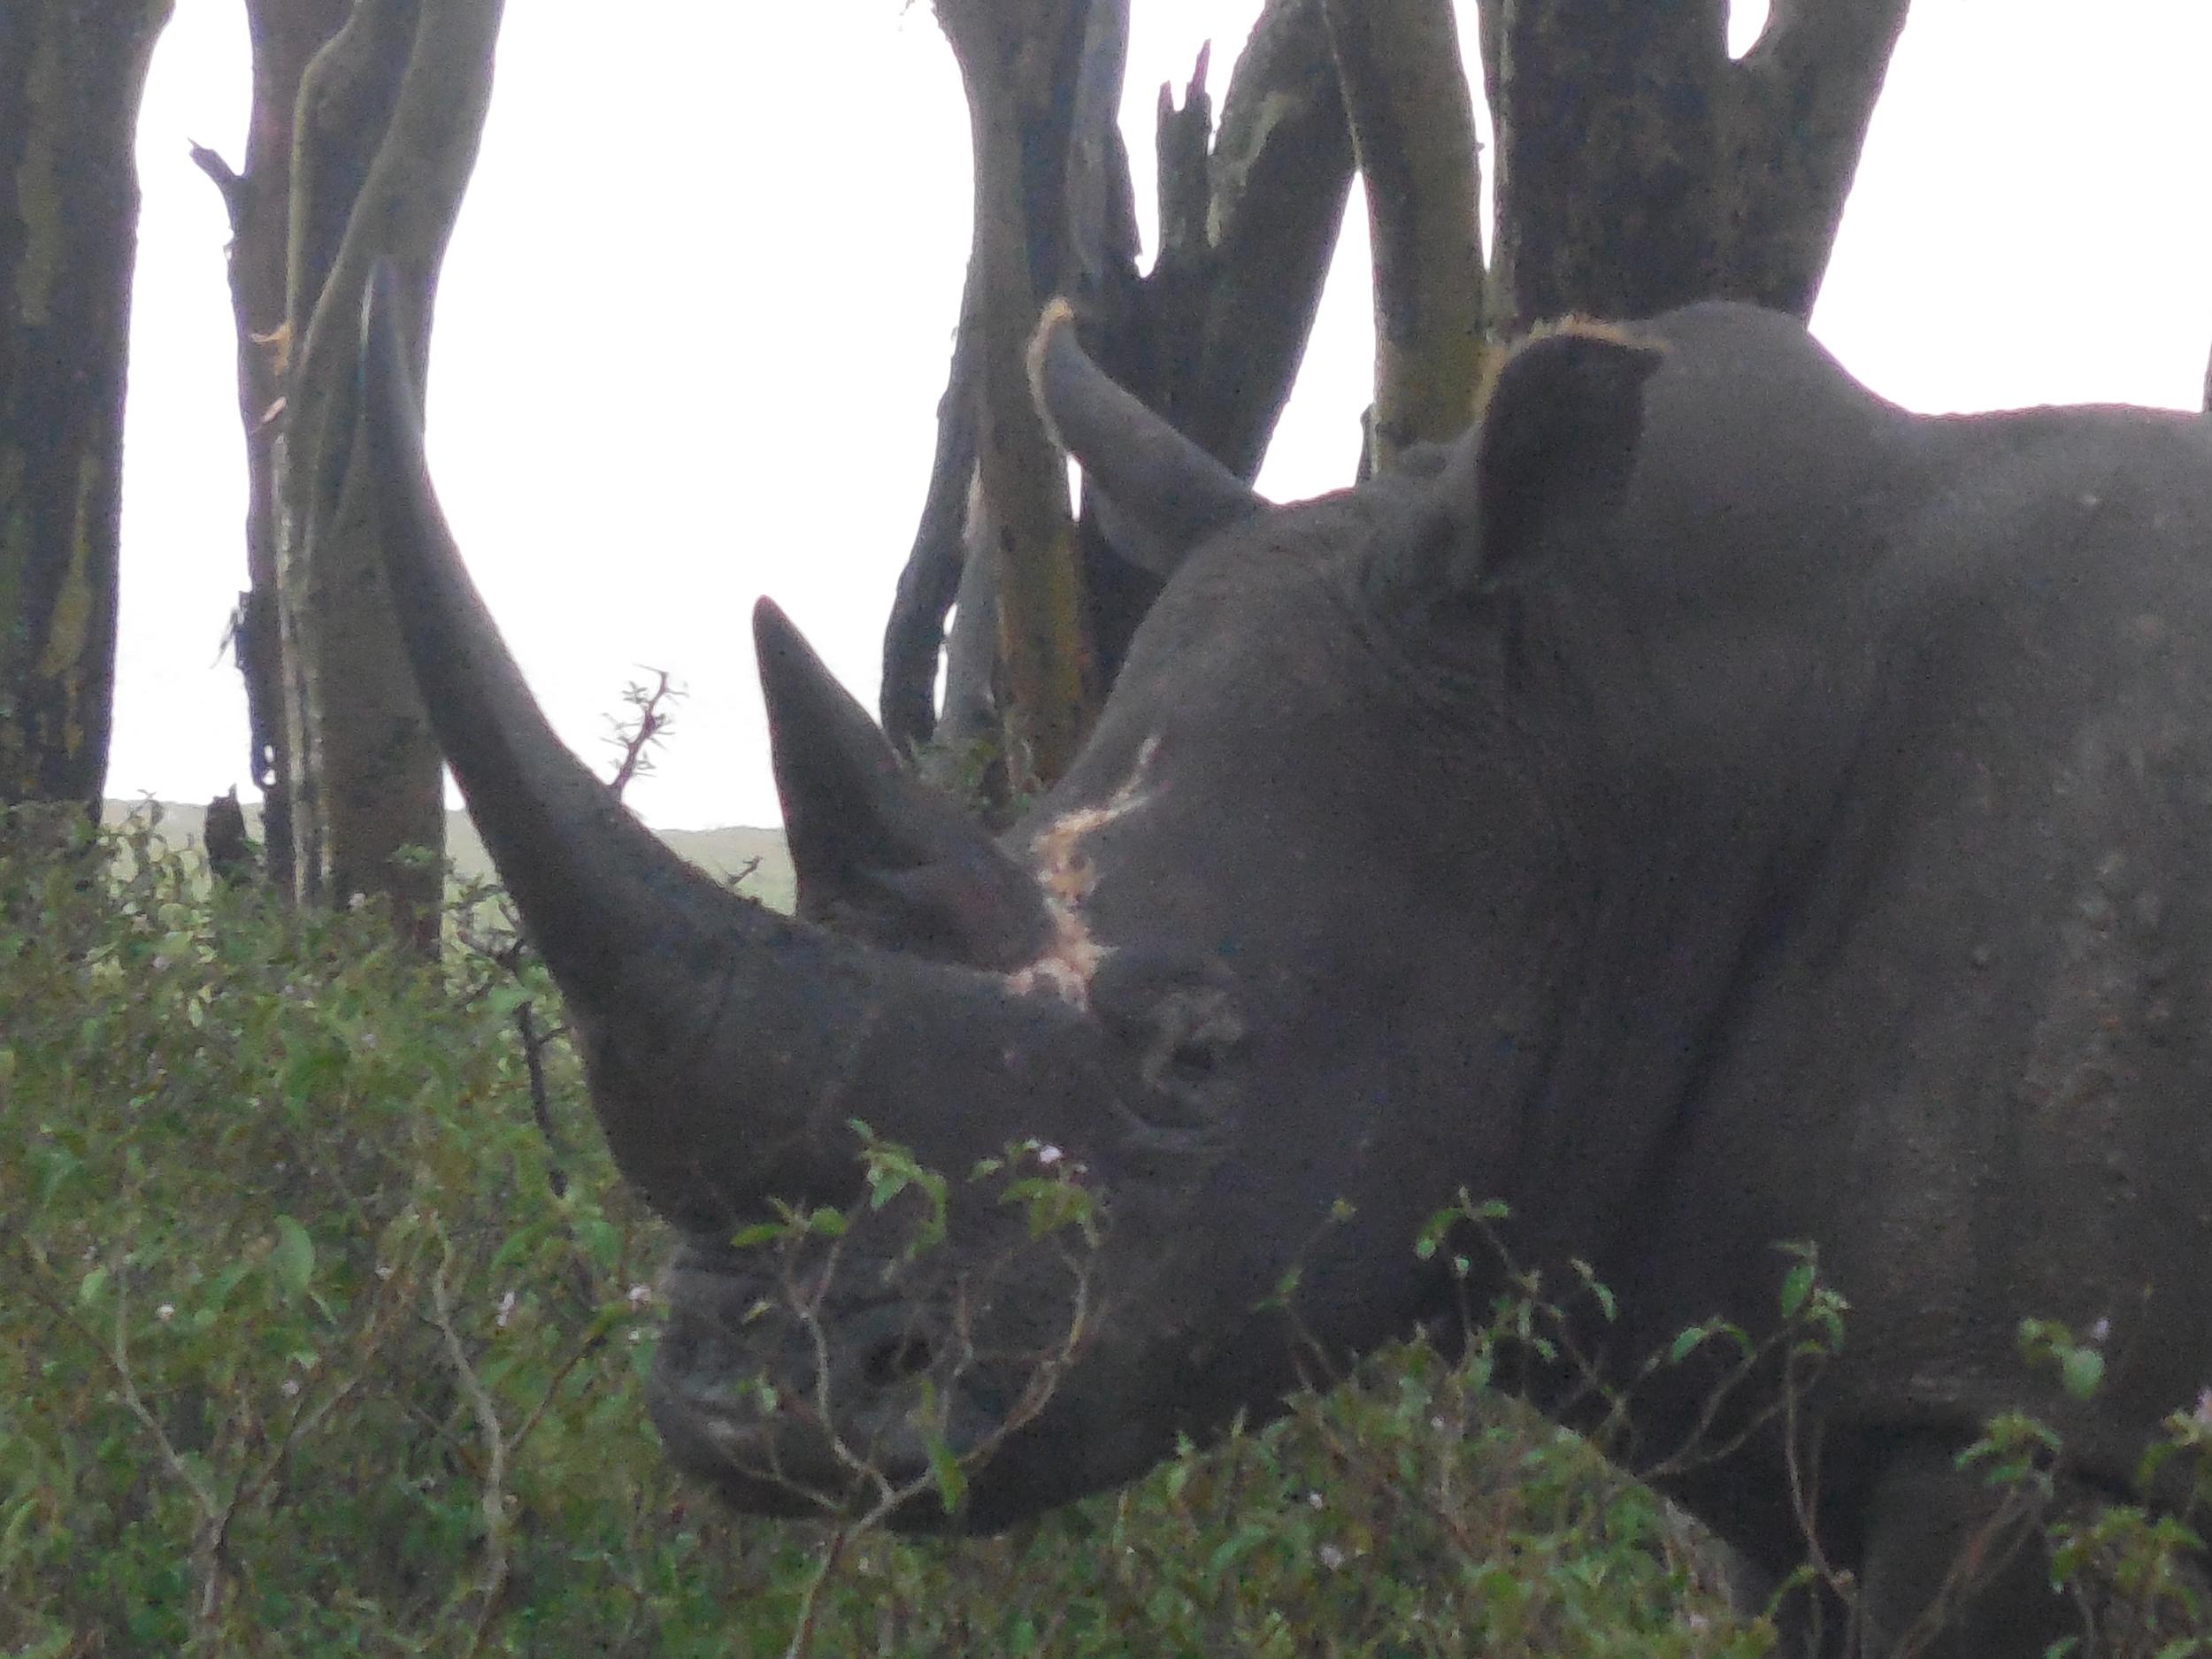 Rhino at Lake Naivasha Kenya 2014 © Flyga Twiga LLC